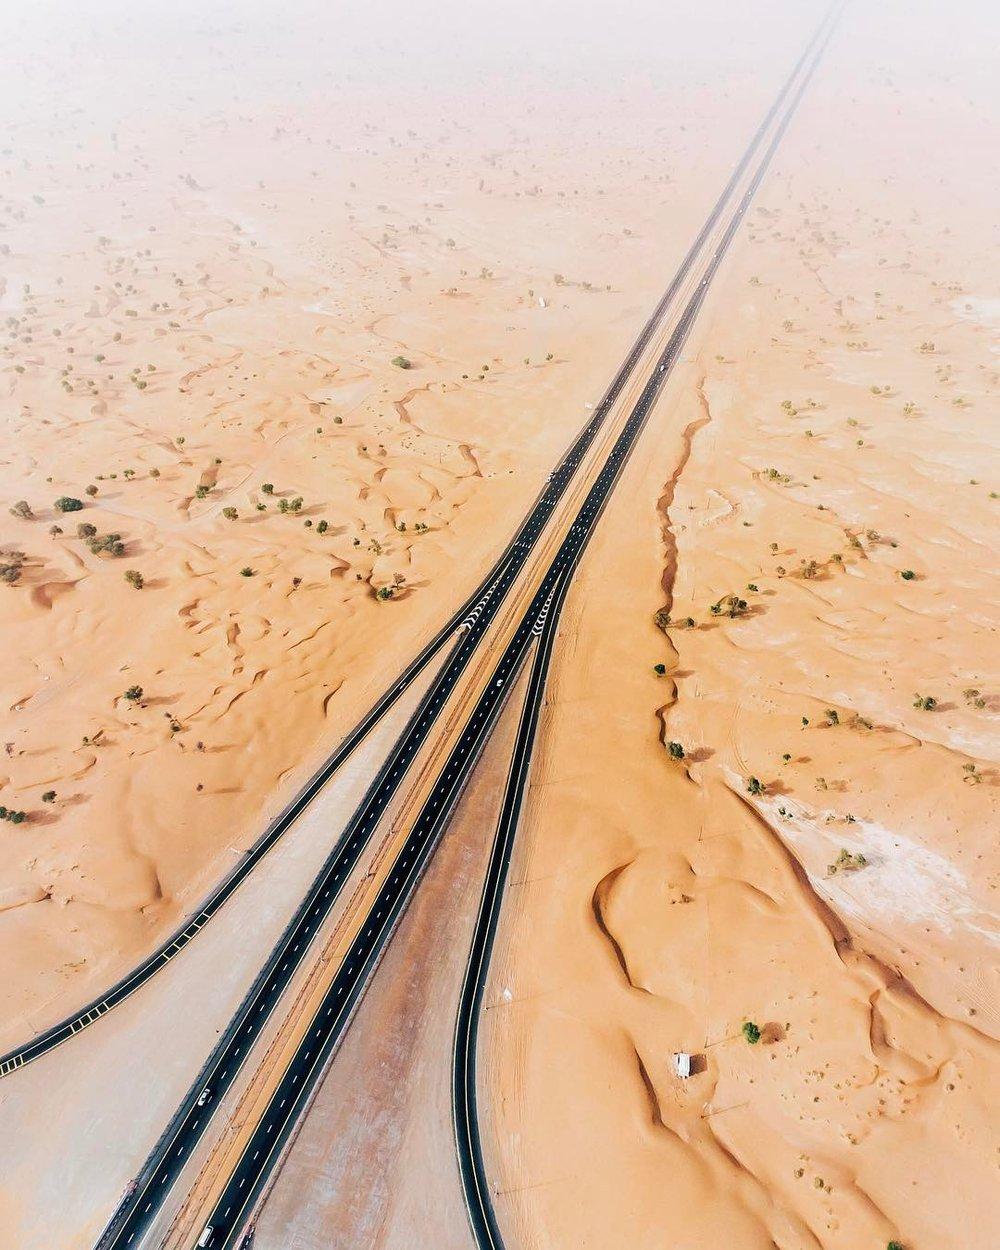 Irenaeus_Herok_Sandswept_Dubai_Highways_Moto-Mucci (6).jpg